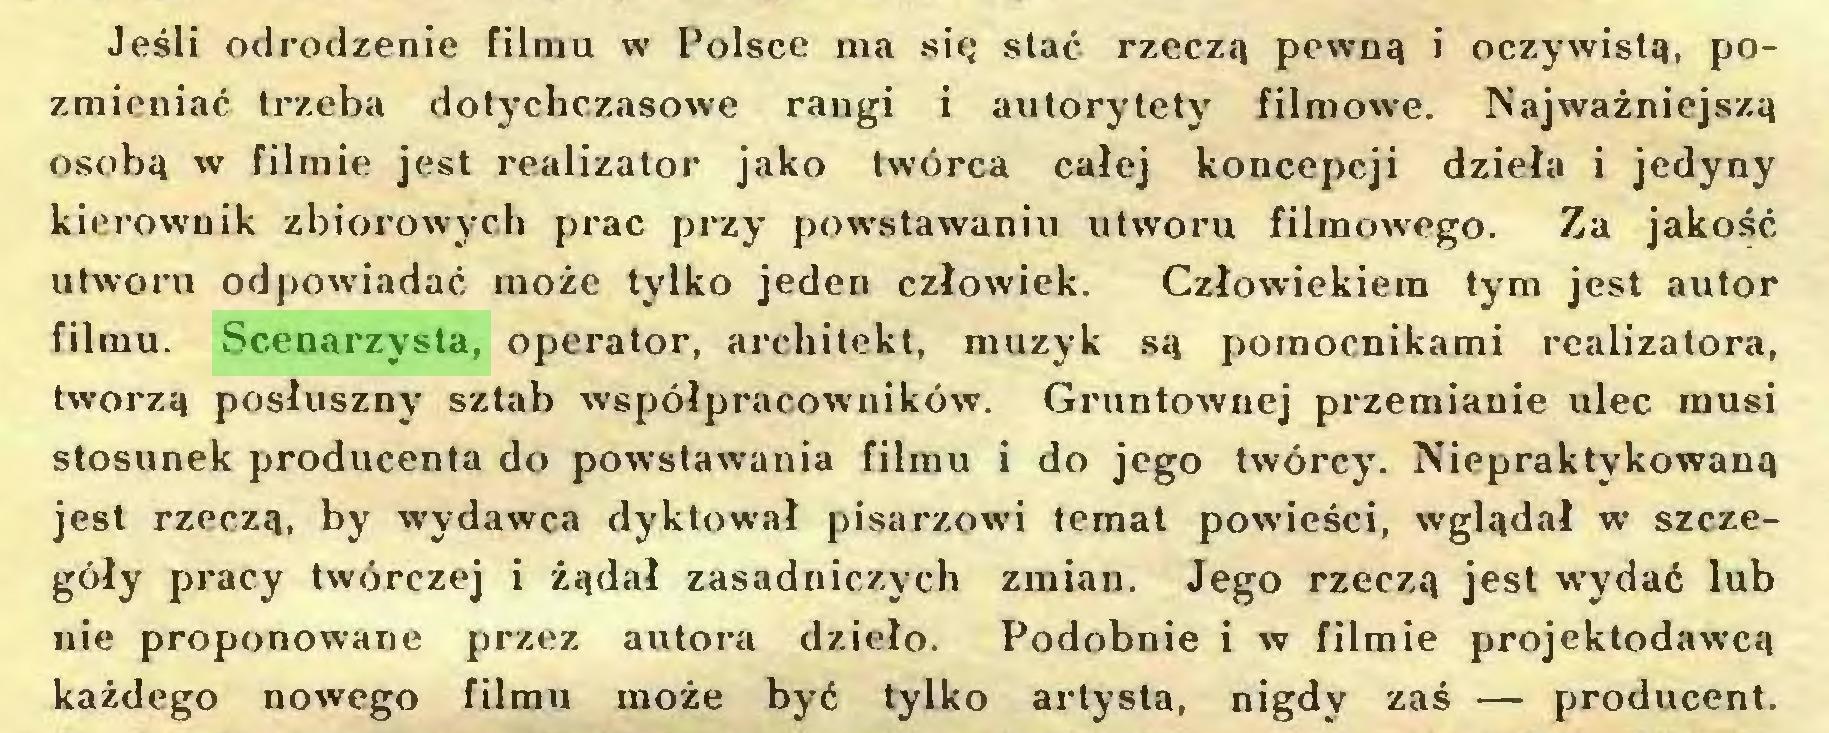 (...) Jeśli odrodzenie filmu w Polsce ma się stać rzeczą pewną i oczywistą, pozmieniać trzeba dotychczasowe rangi i autorytety filmowe. Najważniejszą osobą w filmie jest realizator jako twórca całej koncepcji dzieła i jedyny kierownik zbiorowych prac przy powstawaniu utworu filmowego. Za jakość utworu odpowiadać może tylko jeden człowiek. Człowiekiem tym jest autor filmu. Scenarzysta, operator, architekt, muzyk są pomocnikami realizatora, tworzą posłuszny sztab współpracowników. Gruntownej przemianie ulec musi stosunek producenta do powstawania filmu i do jego twórcy. Niepraktykowaną jest rzeczą, by wydawca dyktował pisarzowi temat powieści, wglądał w szczegóły pracy twórczej i żądał zasadniczych zmian. Jego rzeczą jest wydać lub nie proponowane przez autora dzieło. Podobnie i w filmie projektodawcą każdego nowego filmu może być tylko artysta, nigdy zaś — producent...